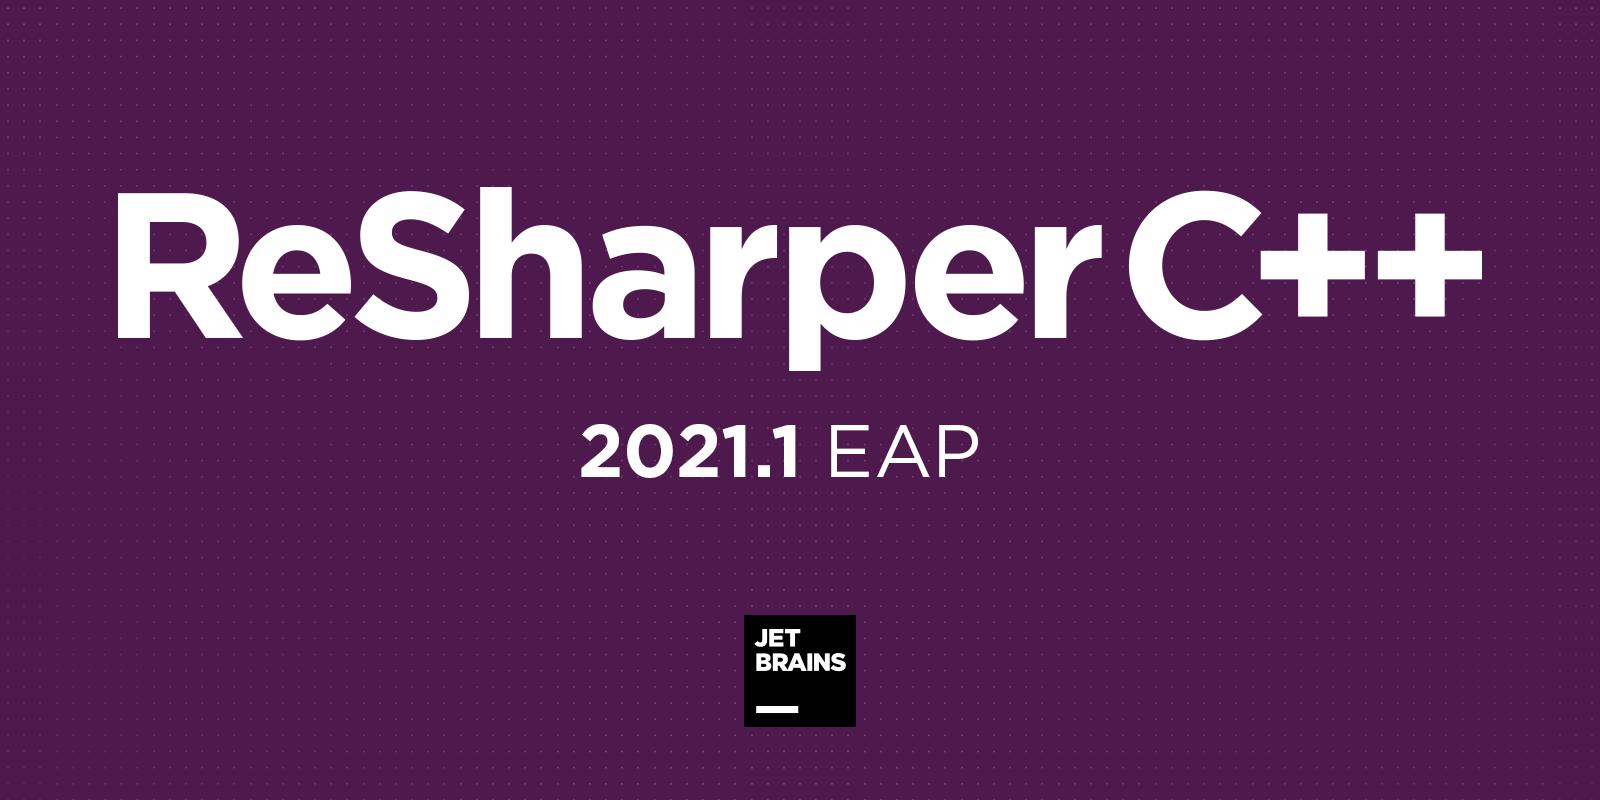 ReSharper C++ 2021.1 EAP